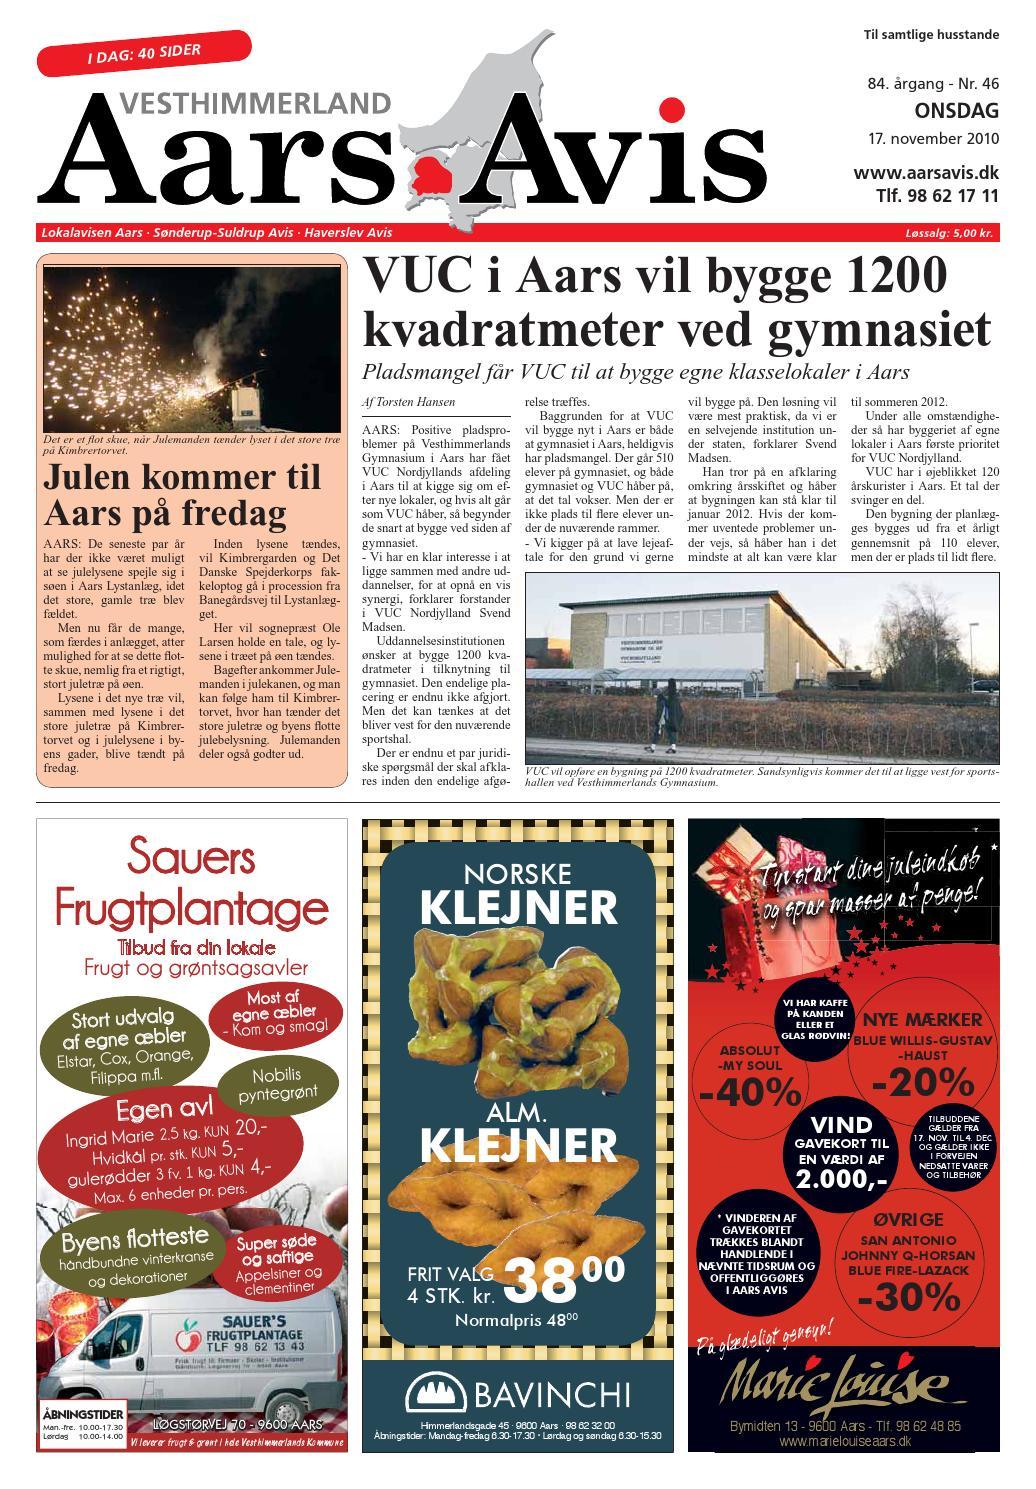 Aars avis 2010 11 17 by Aars Avis - issuu ffac28ff49855